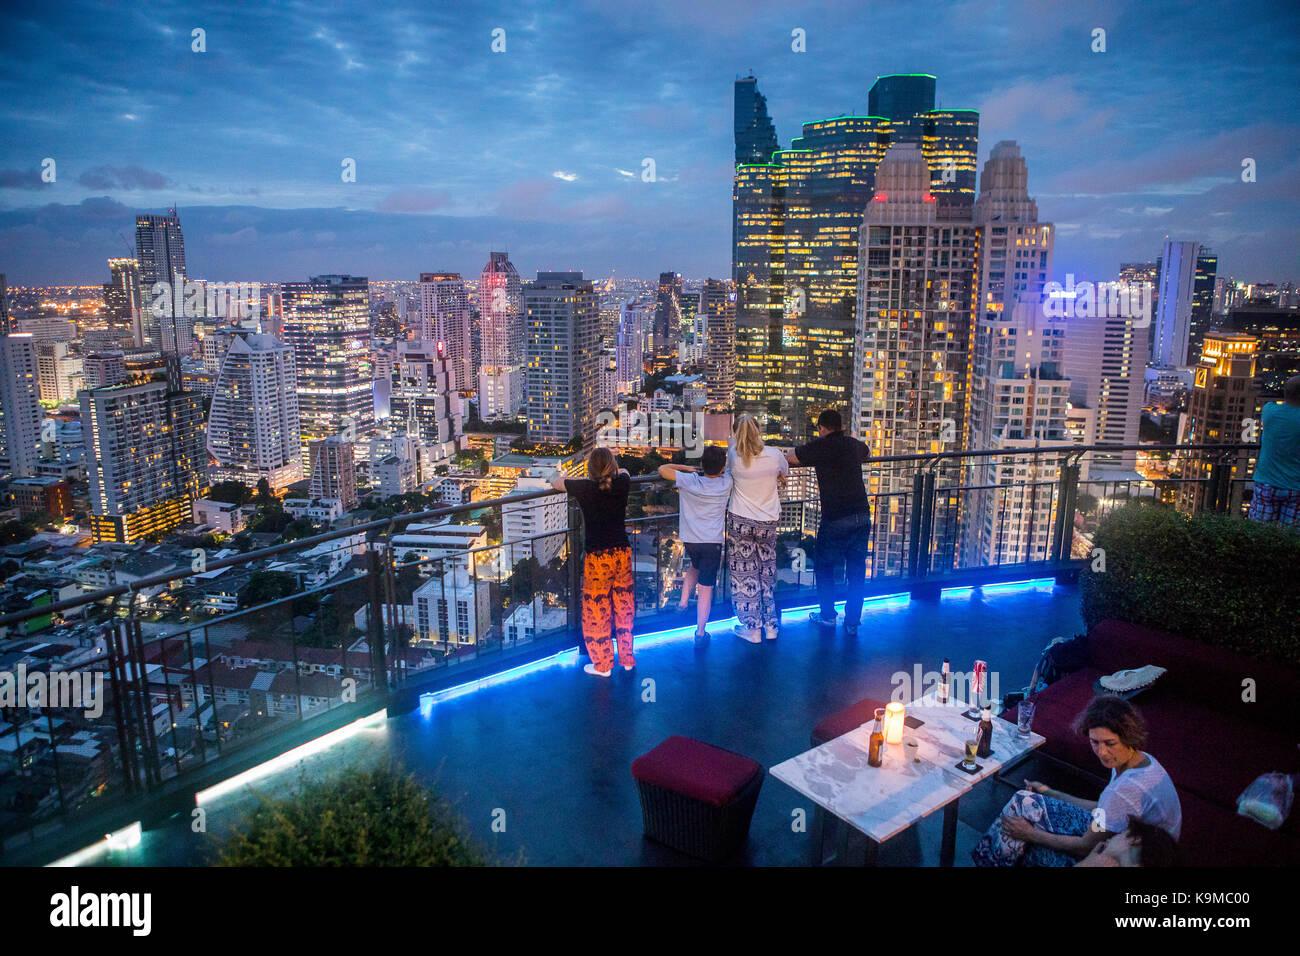 Zoom Skybar, rooftop bar and restaurant, at Anantara Sathorn Hotel, Bangkok, Thailand - Stock Image